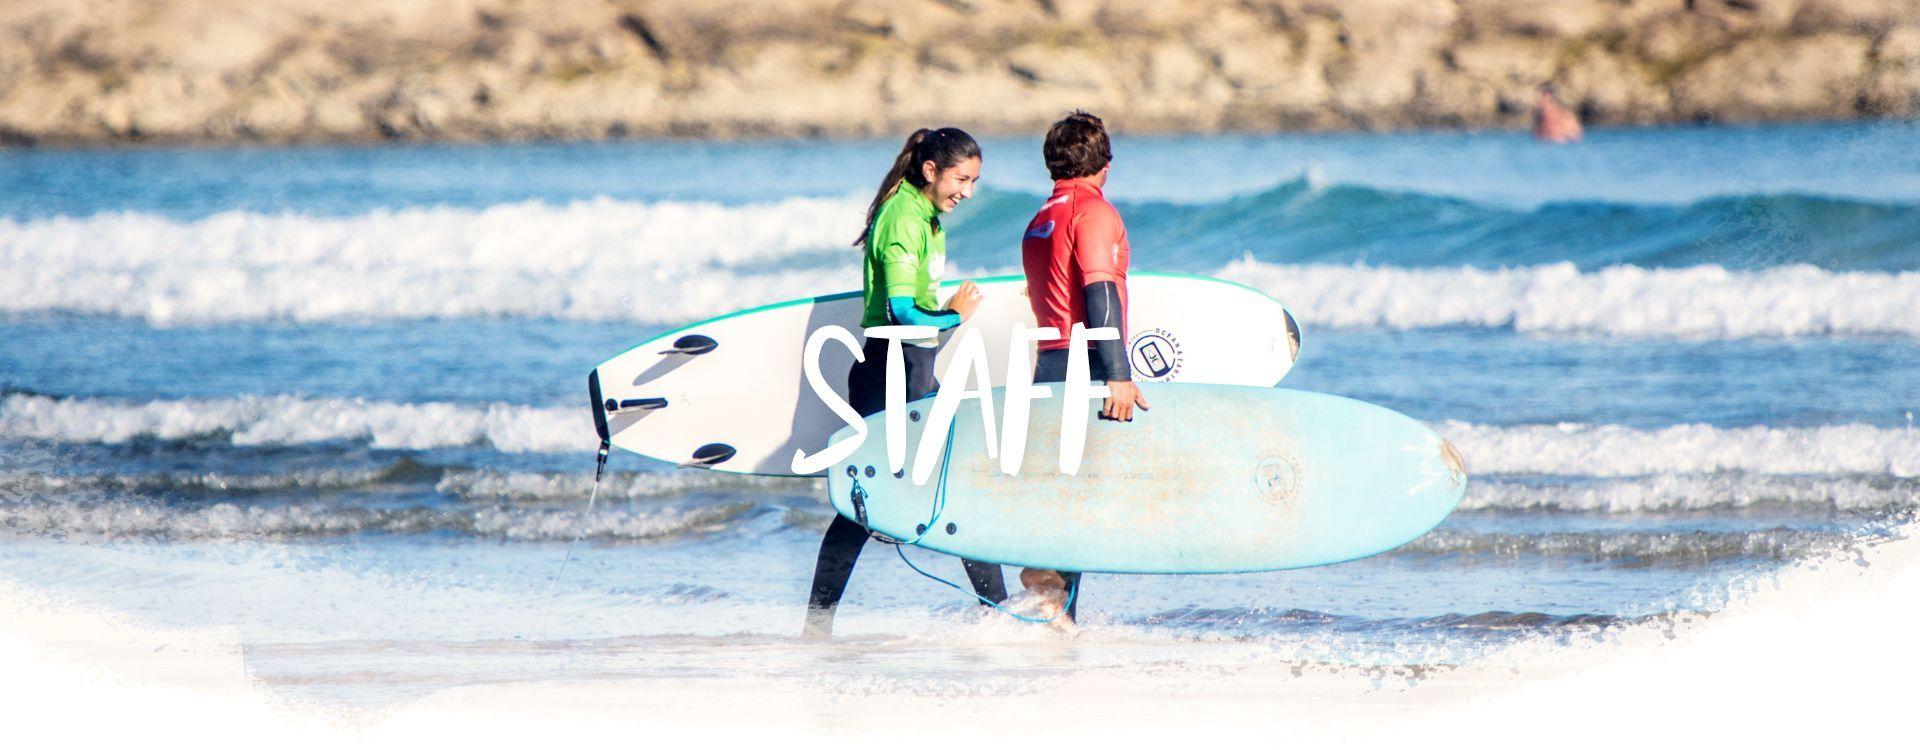 Cabecera staff y profesores de surf Buena Onda